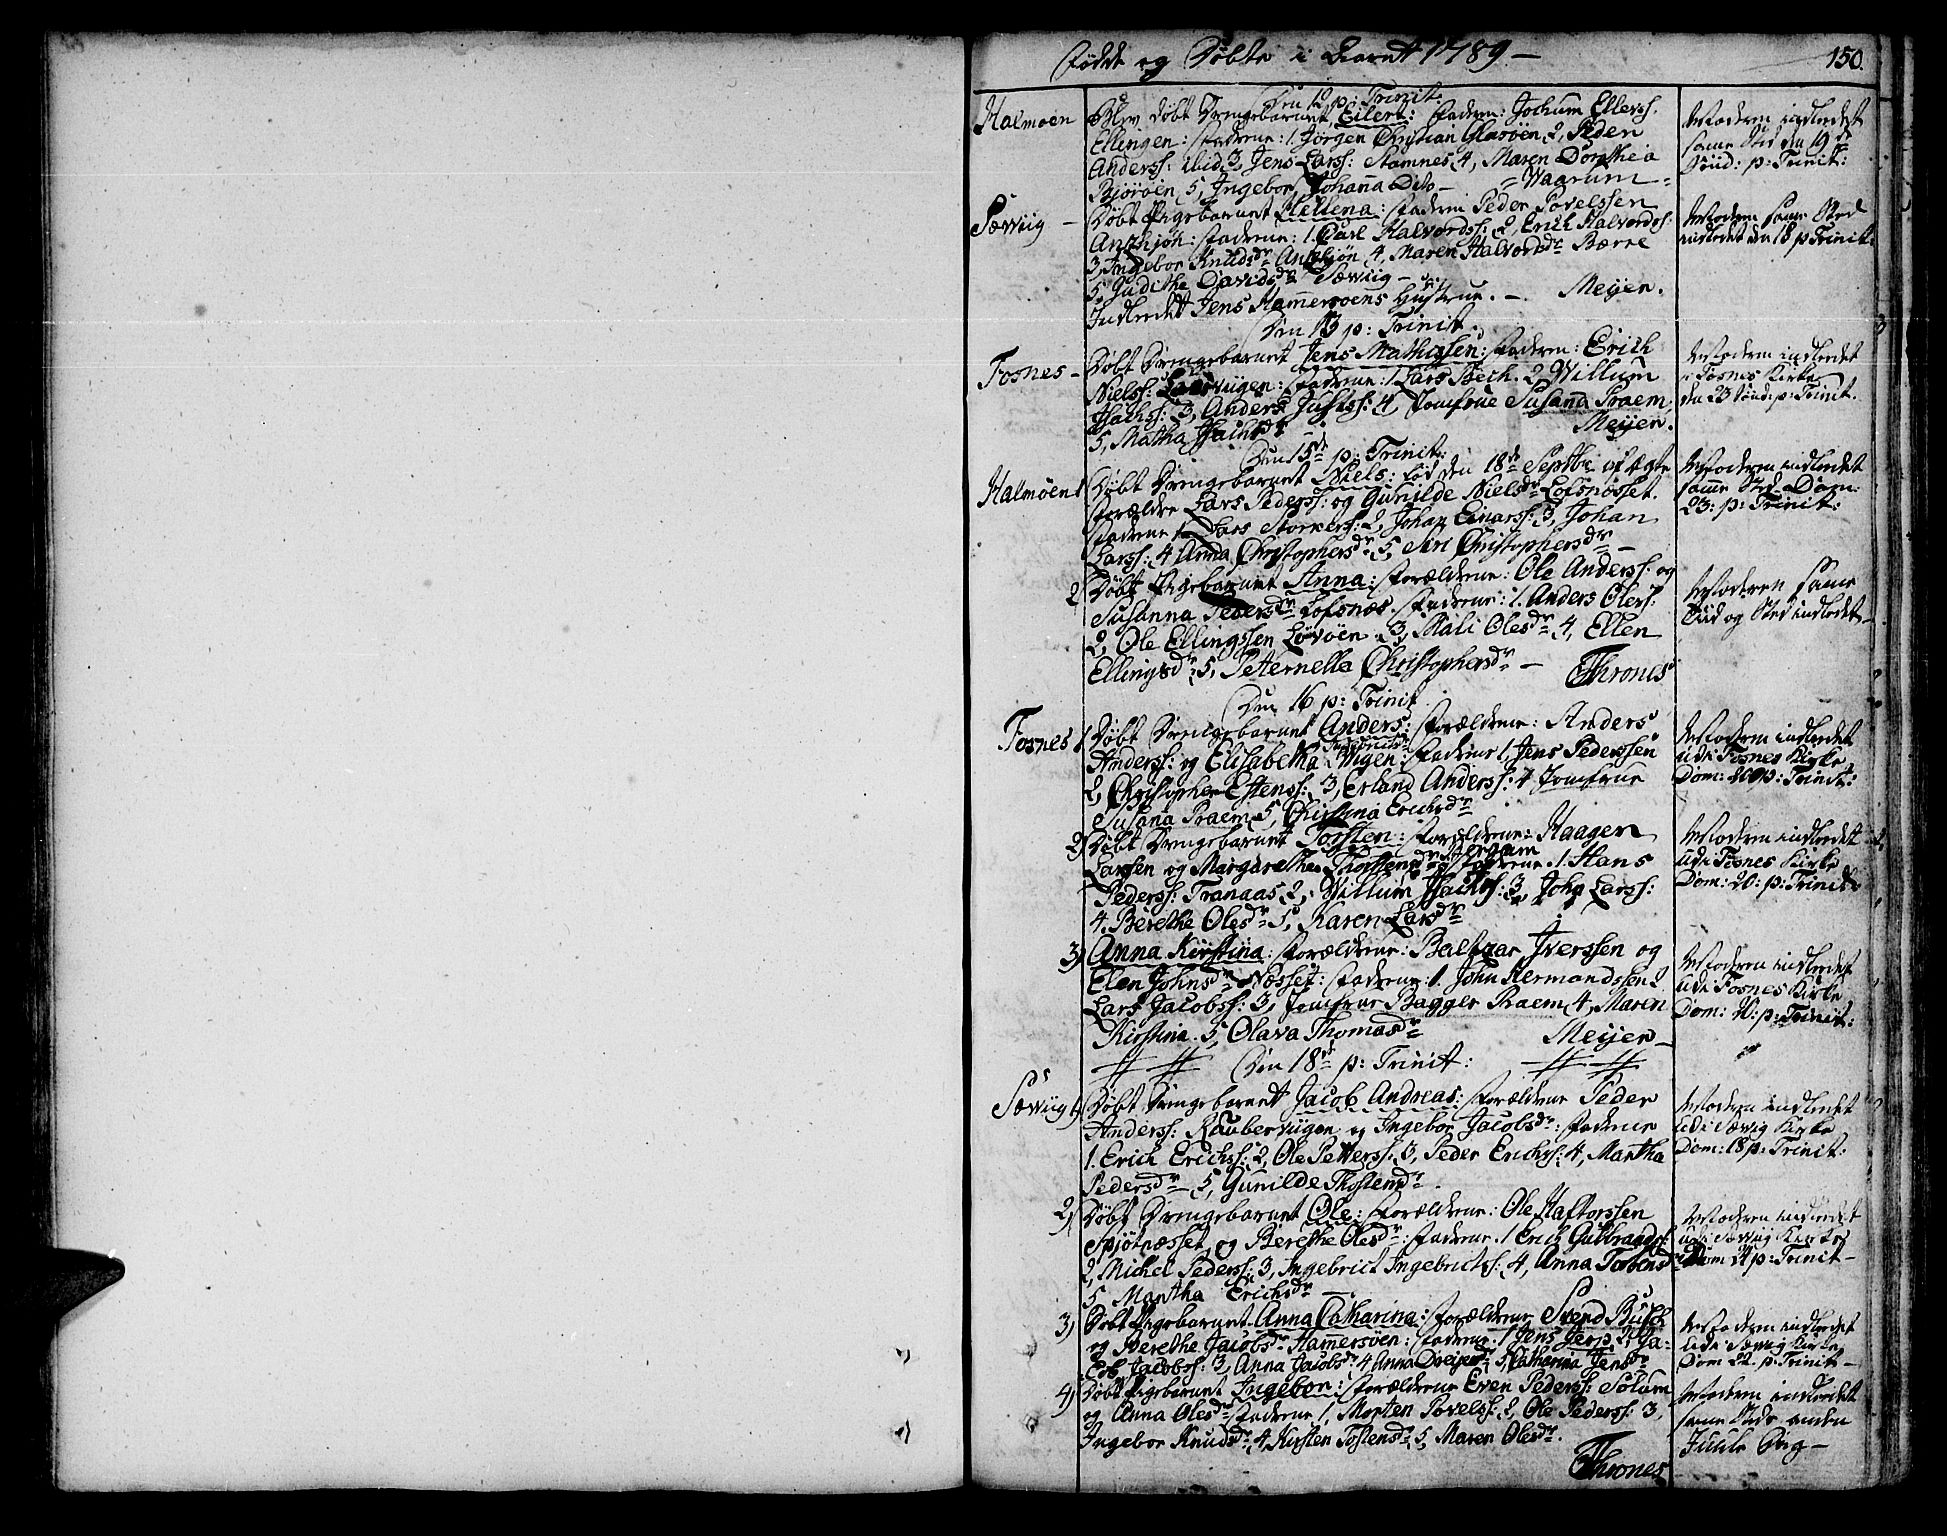 SAT, Ministerialprotokoller, klokkerbøker og fødselsregistre - Nord-Trøndelag, 773/L0608: Ministerialbok nr. 773A02, 1784-1816, s. 150